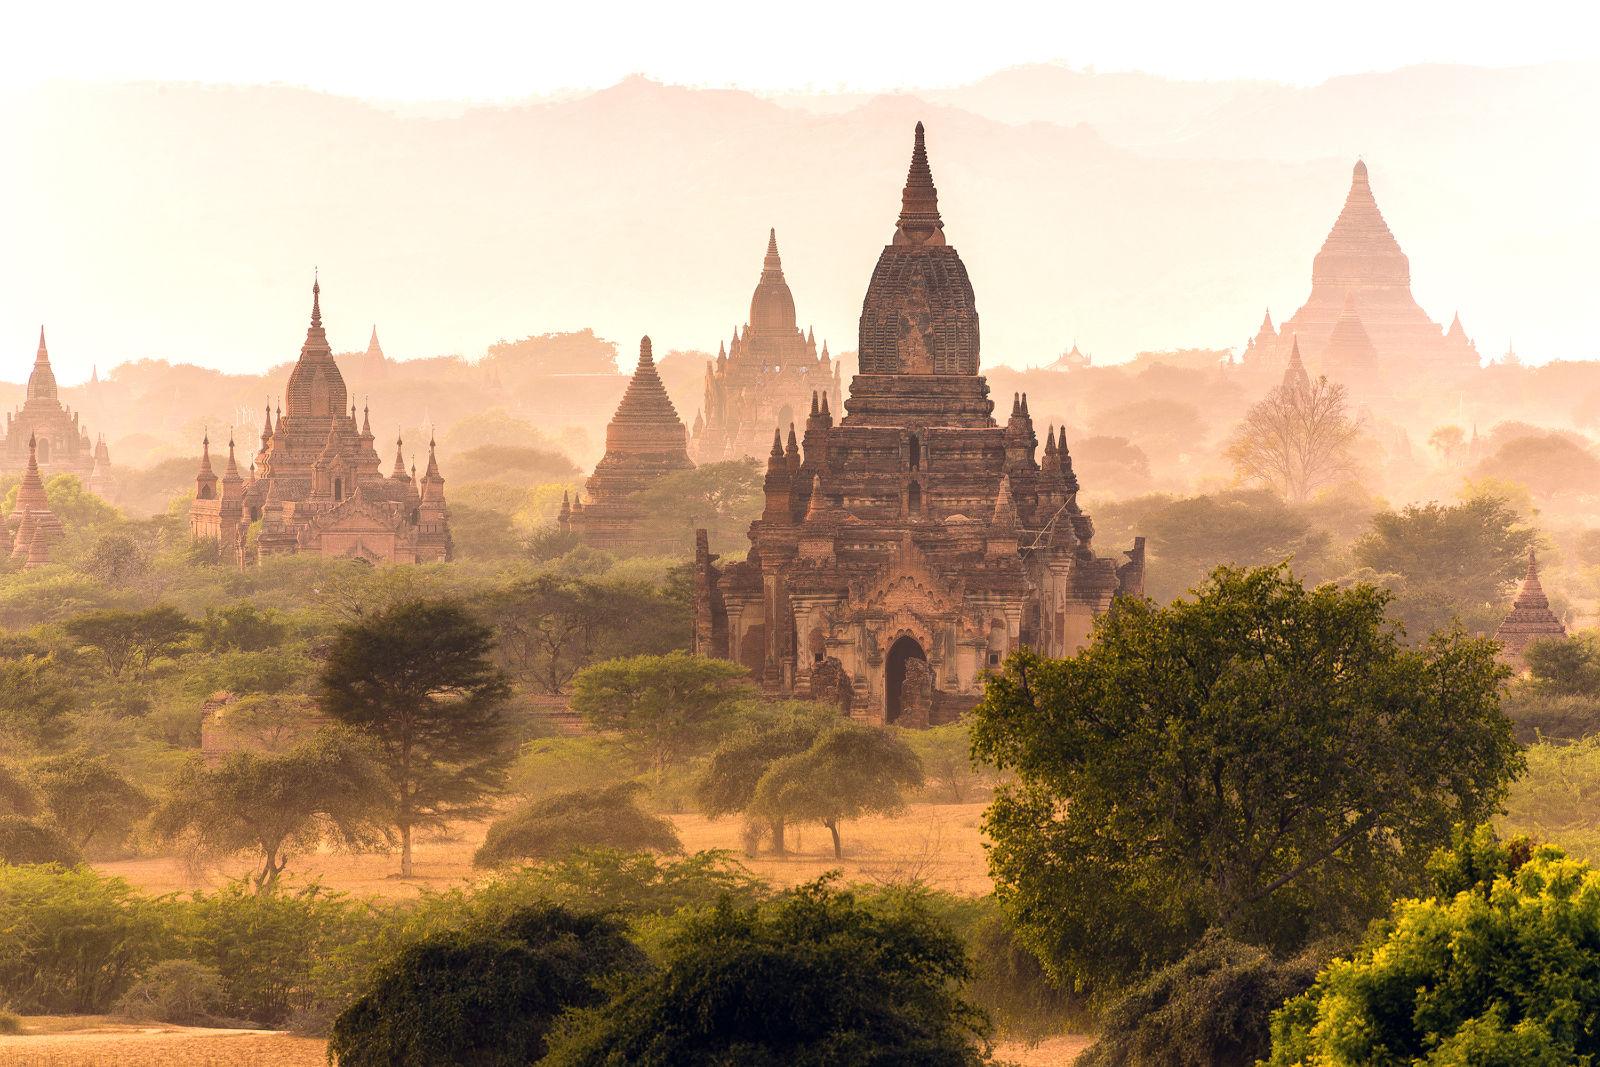 Asia, Bagan, Mandalay Region